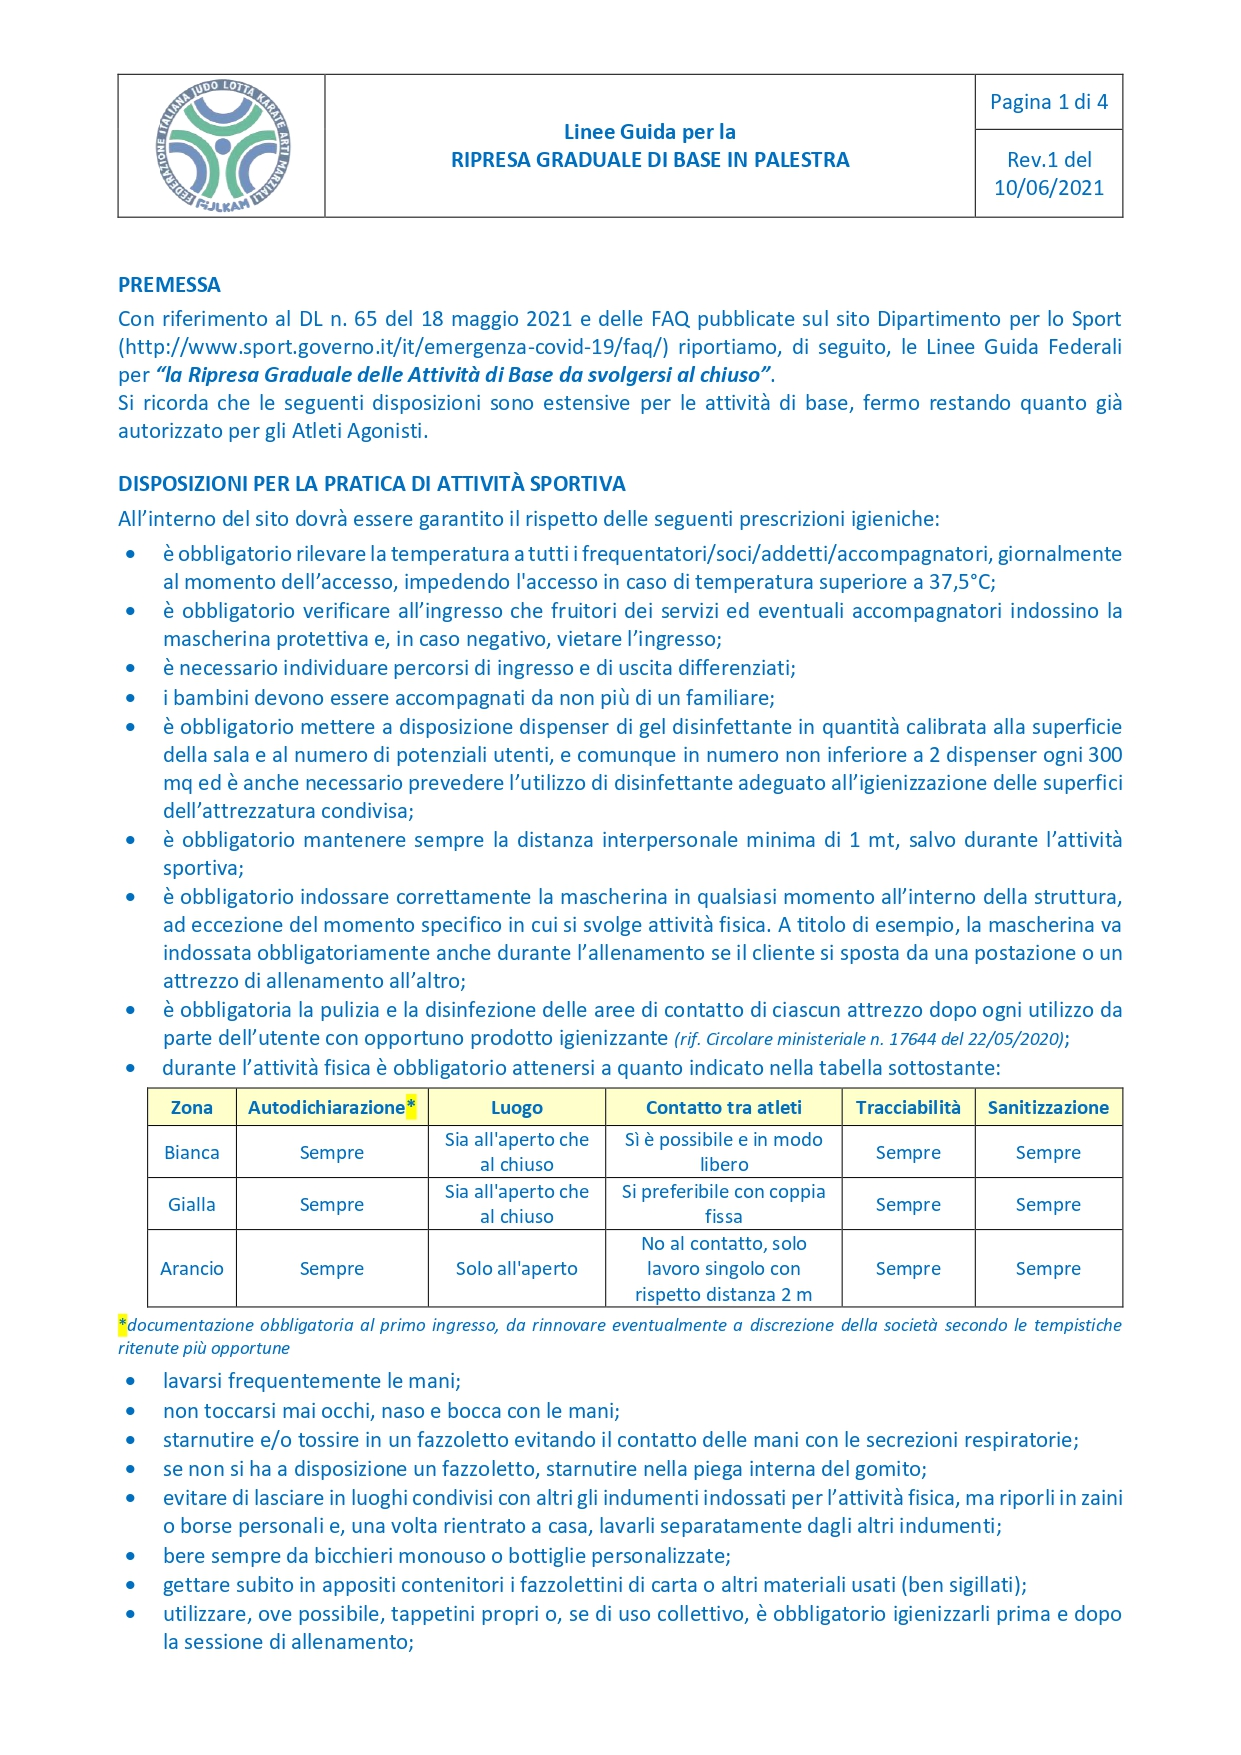 20210610_Linee Guida per la Ripresa Graduale di Base in Palestra_page-0001